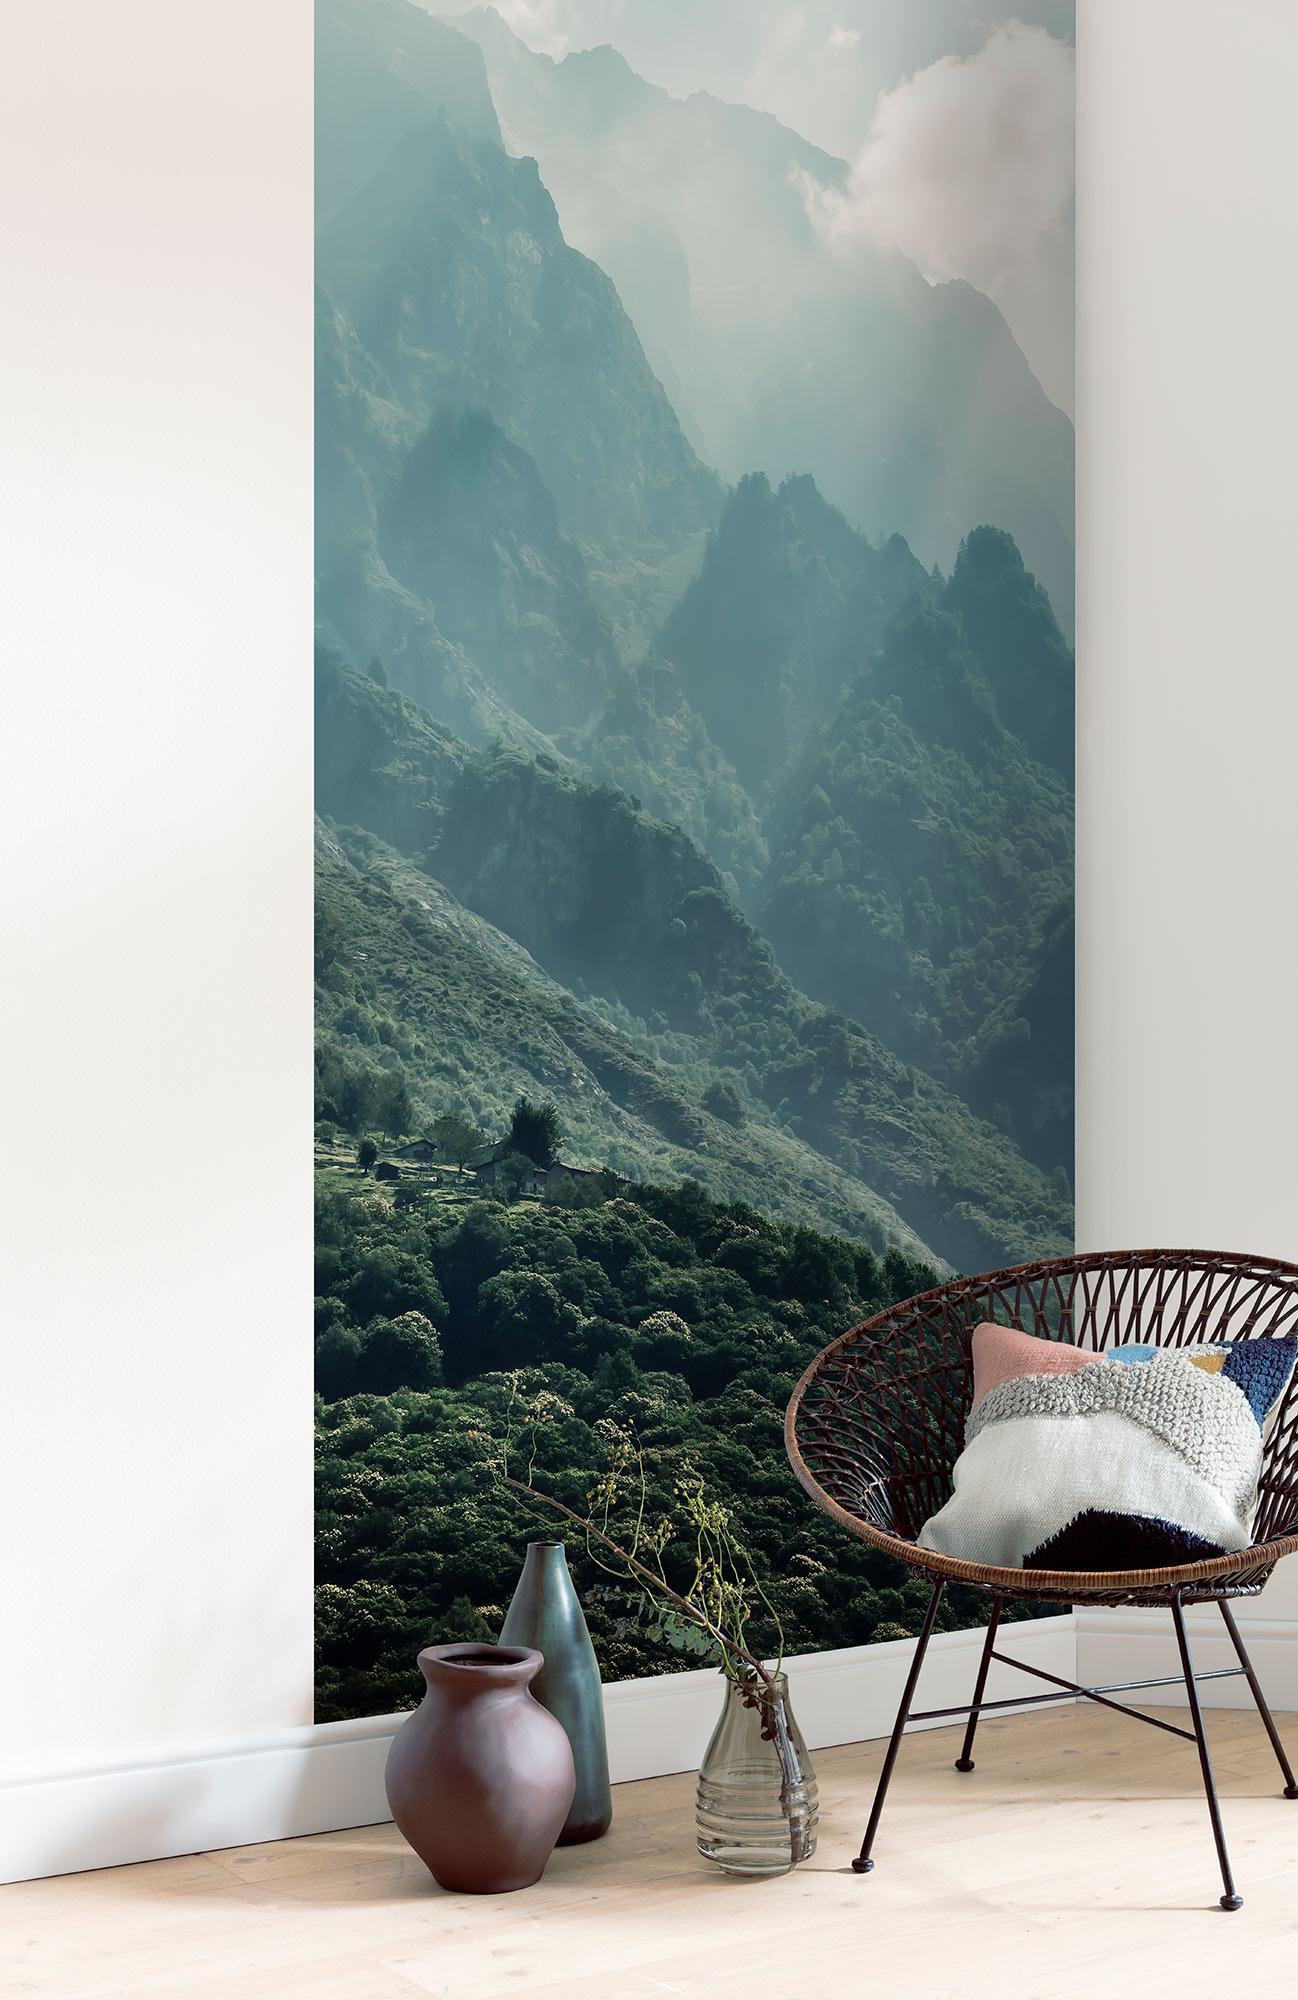 Papier Peint Panoramique Paysage papier peint paysage the summit panel - papier peint lé